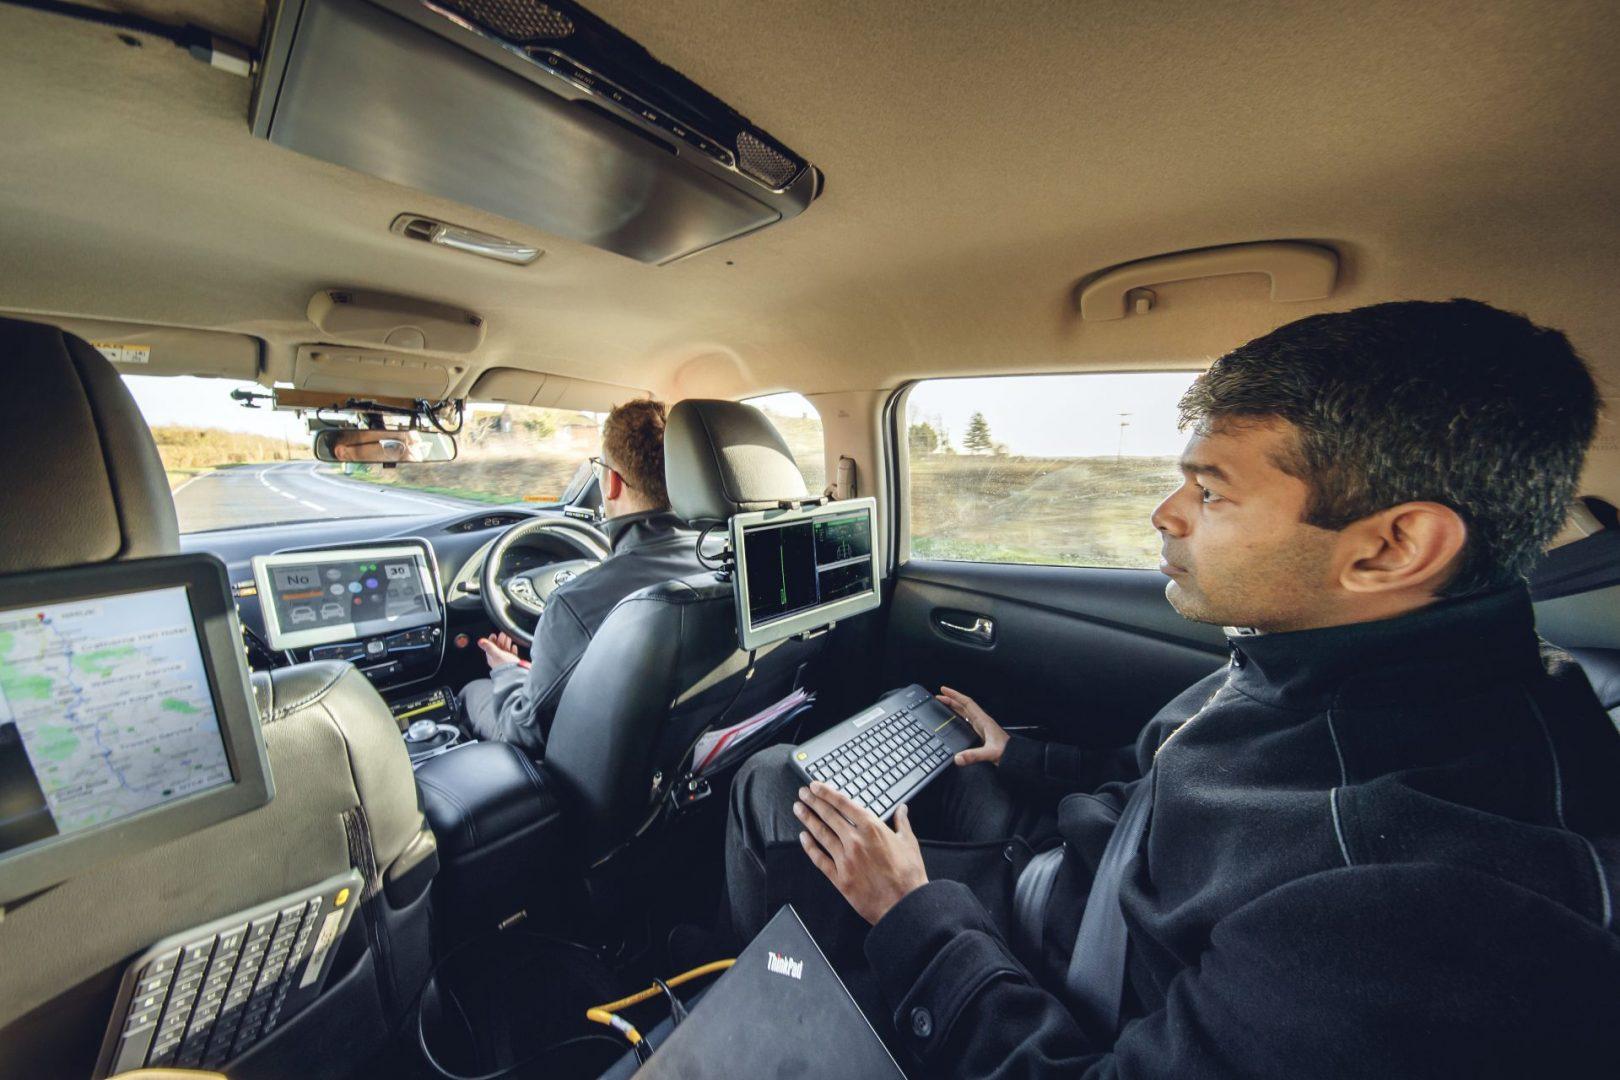 Završena je najdulja i najzahtjevnija autonomna vožnja za Nissan Leaf